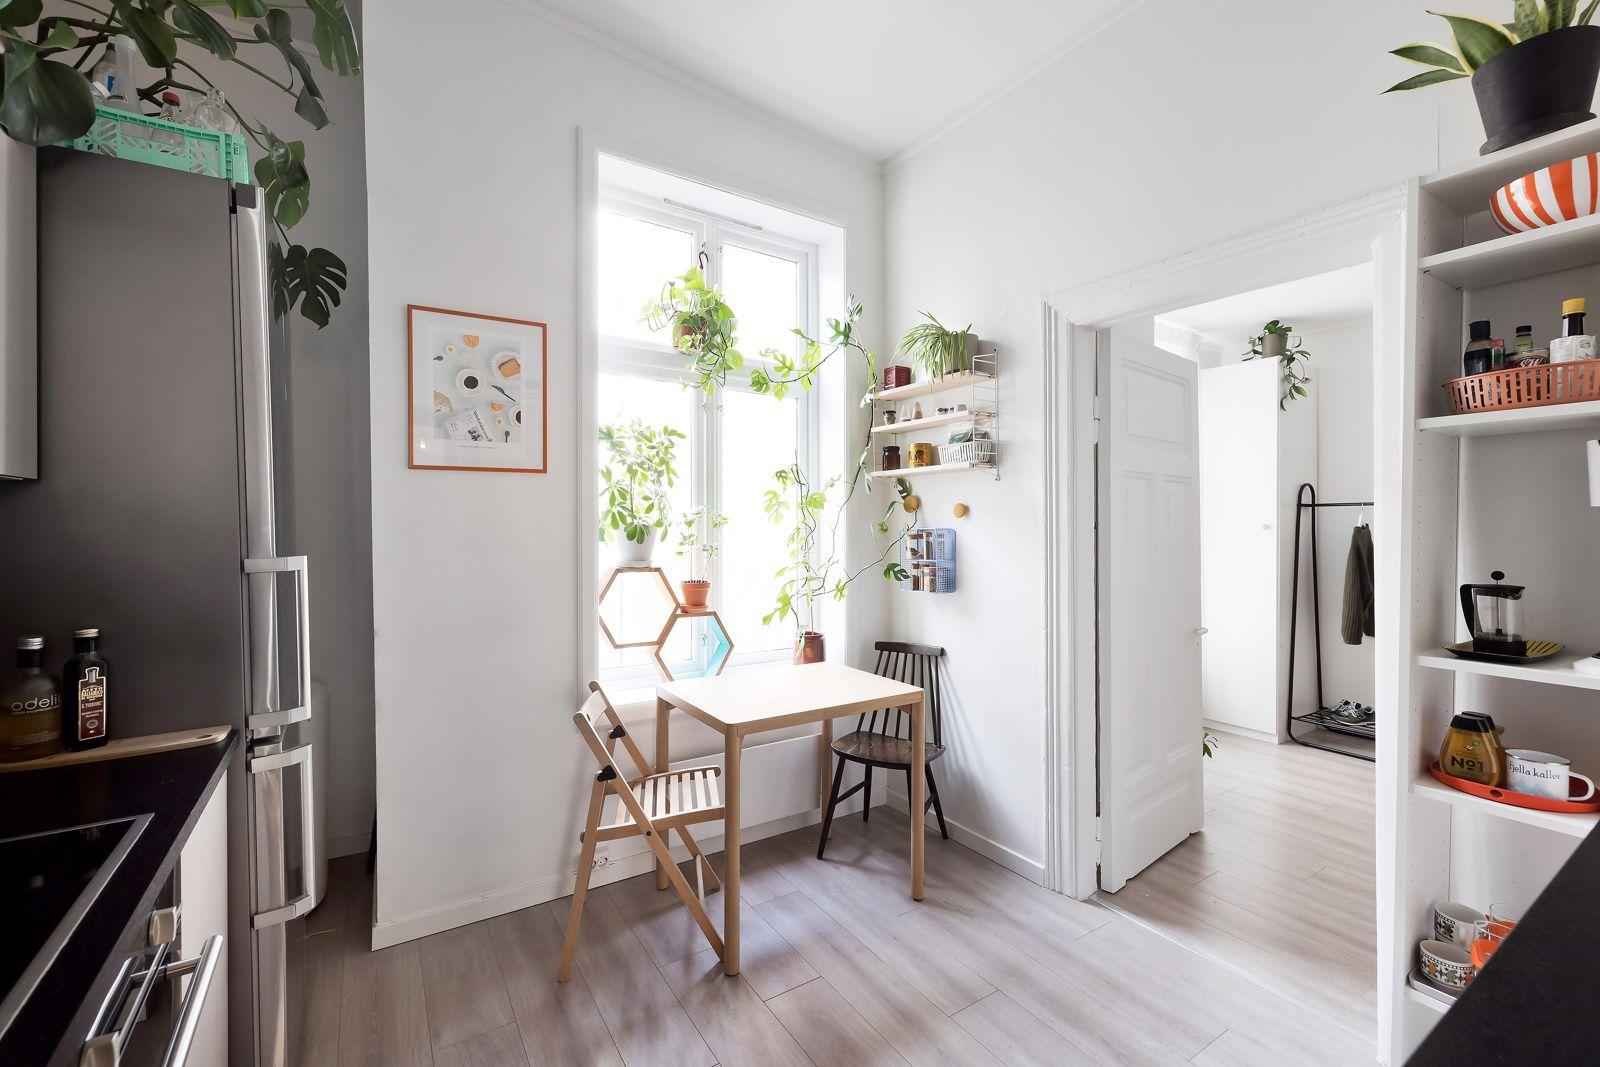 Bernt Ankers gate 31 Kjøkkenet ligger separat og har fin plass til et lite spisebord